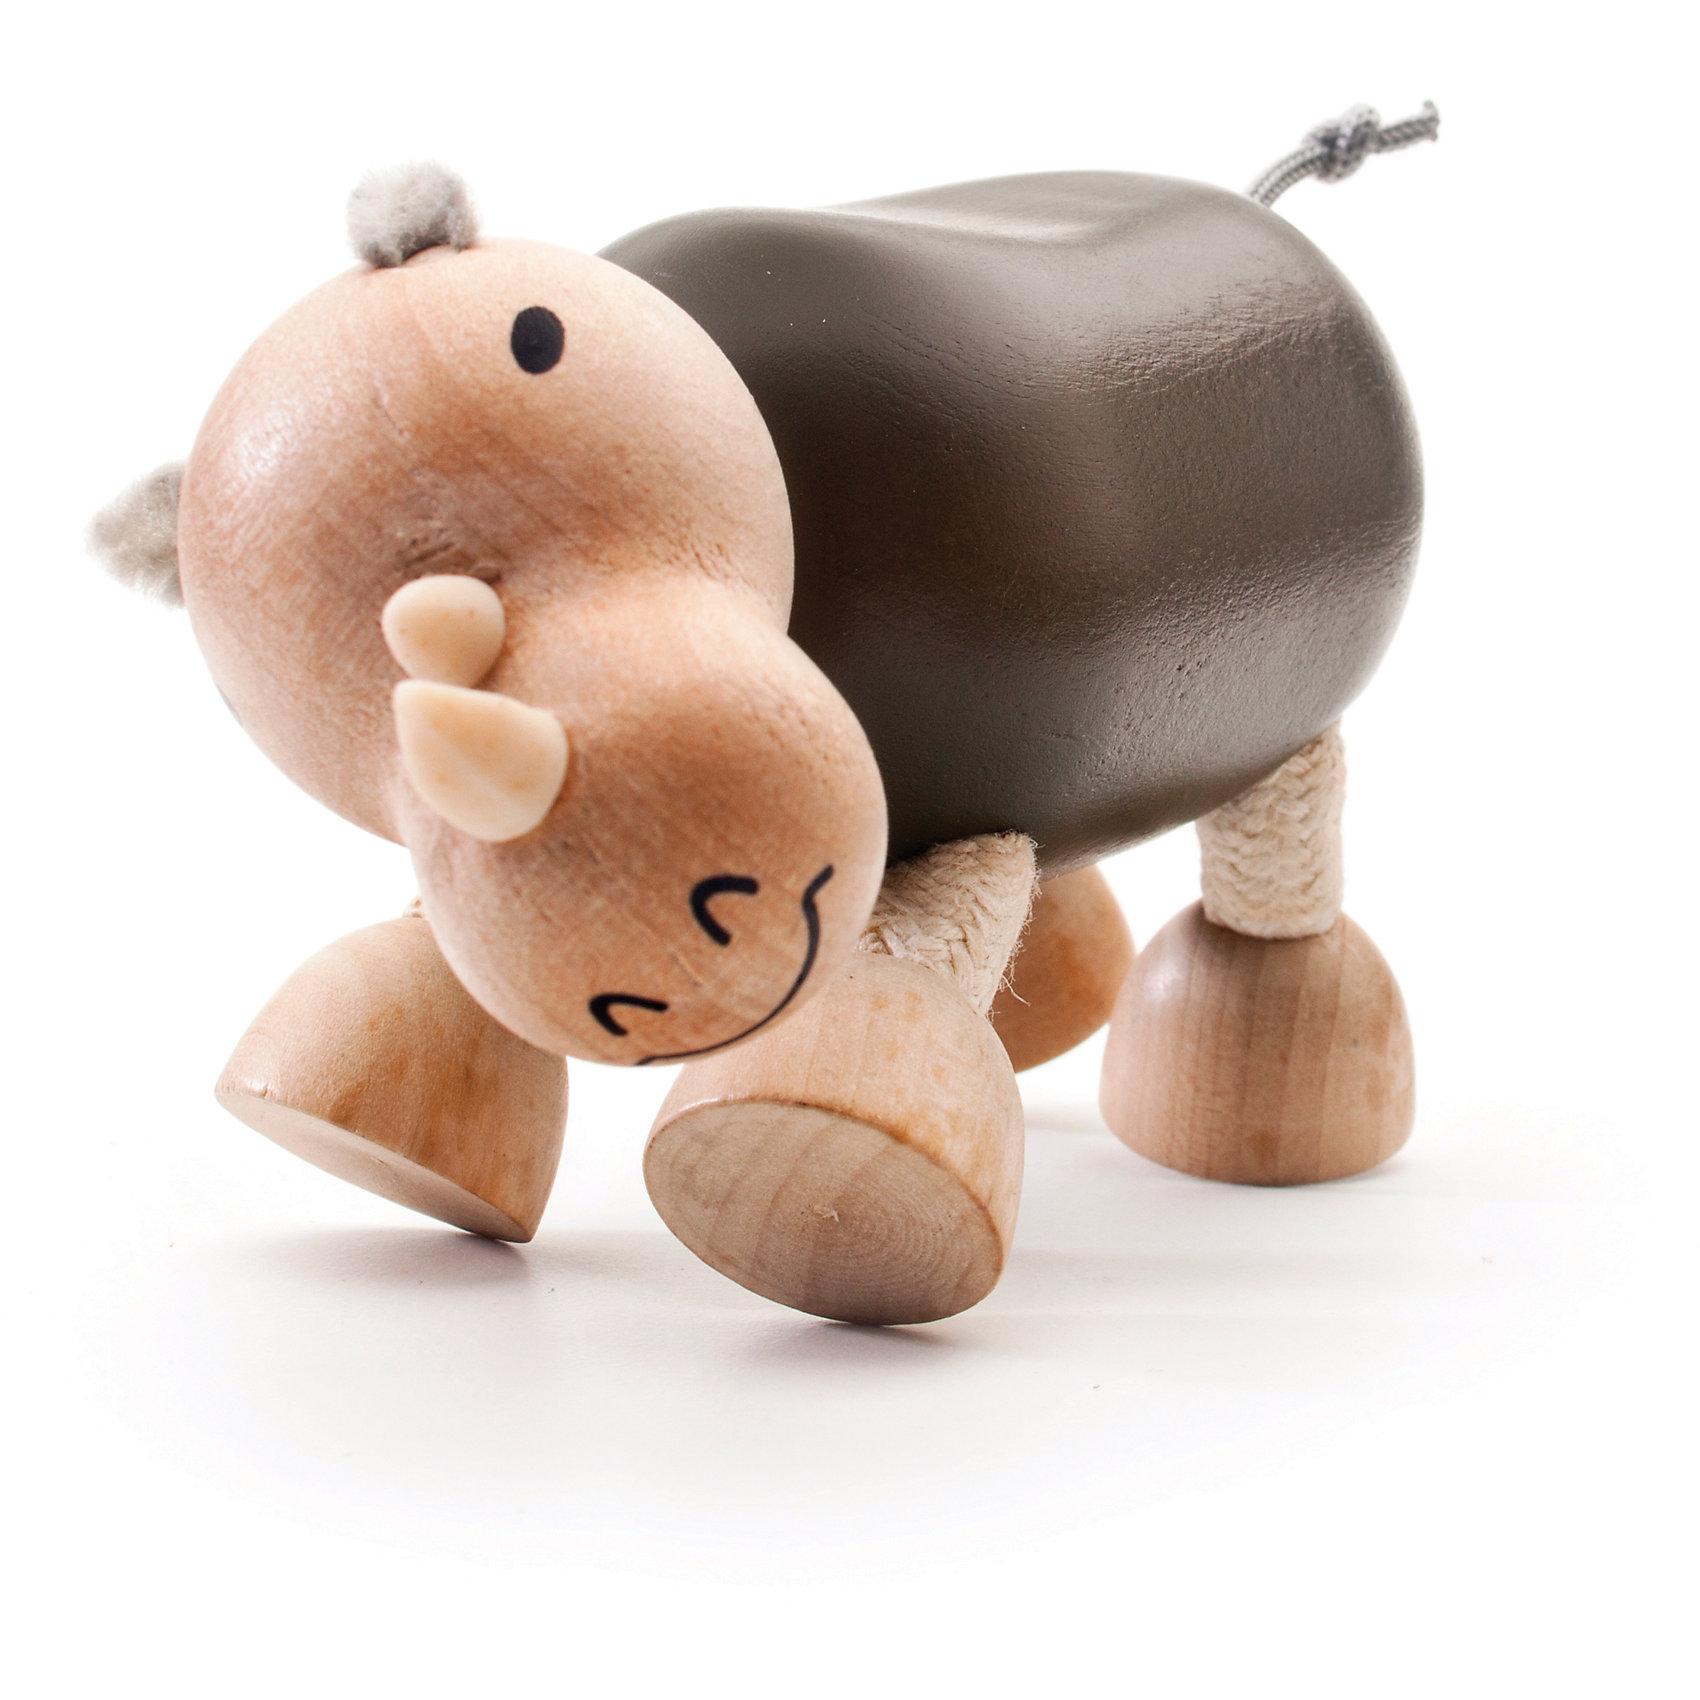 Носорог,  AnaMalzМилые деревянные зверюшки AnaMalz очаруют и детей и их родителей, а их трогательный внешний вид и оригинальный современный дизайн изменят Ваше привычное представление о деревянных игрушках. Придуманные австралийским дизайнером Луизой Косан-Скотт, деревянные фигурки покоряют своим уютом и пластичностью и уже завоевали множество наград, включая международную премию в области дизайна Standards Australia. Для изготовления игрушек используется быстрорастущее игольчатое дерево (schima superba), которое специально выращивают на плантациях. Отдельные детали зверюшек выполнены из натуральных тканей и термопластичной резины (TPR) - безопасного материала, который является экологичной альтернативой пластмассе. Все фигурки AnaMalz раскрашиваются вручную с использованием безопасной для детей краски.<br><br>Забавный разноцветный носорог AnaMalz с добродушной мордочкой займет достойное место среди игрушек Вашего ребенка. Голова, туловище и копыта фигурки выполнены из дерева и имеют гладкую, приятную на ощупь поверхность. У носорога мягкие ушки и хвостик-веревочка, ноги также сделаны из гибкой веревки и гнутся в разные стороны, что позволяет игрушке принимать различные позы. Носорог раскрашен вручную безопасными для детей красками. Фигурка, выполненная из дерева и различных фактур, способствует развитию у ребенка тактильного восприятия и мелкой моторики.<br><br>Дополнительная информация:<br><br>- Материал: дерево, ткань.<br>- Размер игрушки: 11 х 5 х 7 см.<br>- Вес: 88 гр.<br><br>Носорога, AnaMalz, можно купить в нашем интернет-магазине.<br><br>Ширина мм: 11<br>Глубина мм: 5<br>Высота мм: 7<br>Вес г: 88<br>Возраст от месяцев: 36<br>Возраст до месяцев: 168<br>Пол: Унисекс<br>Возраст: Детский<br>SKU: 4010633